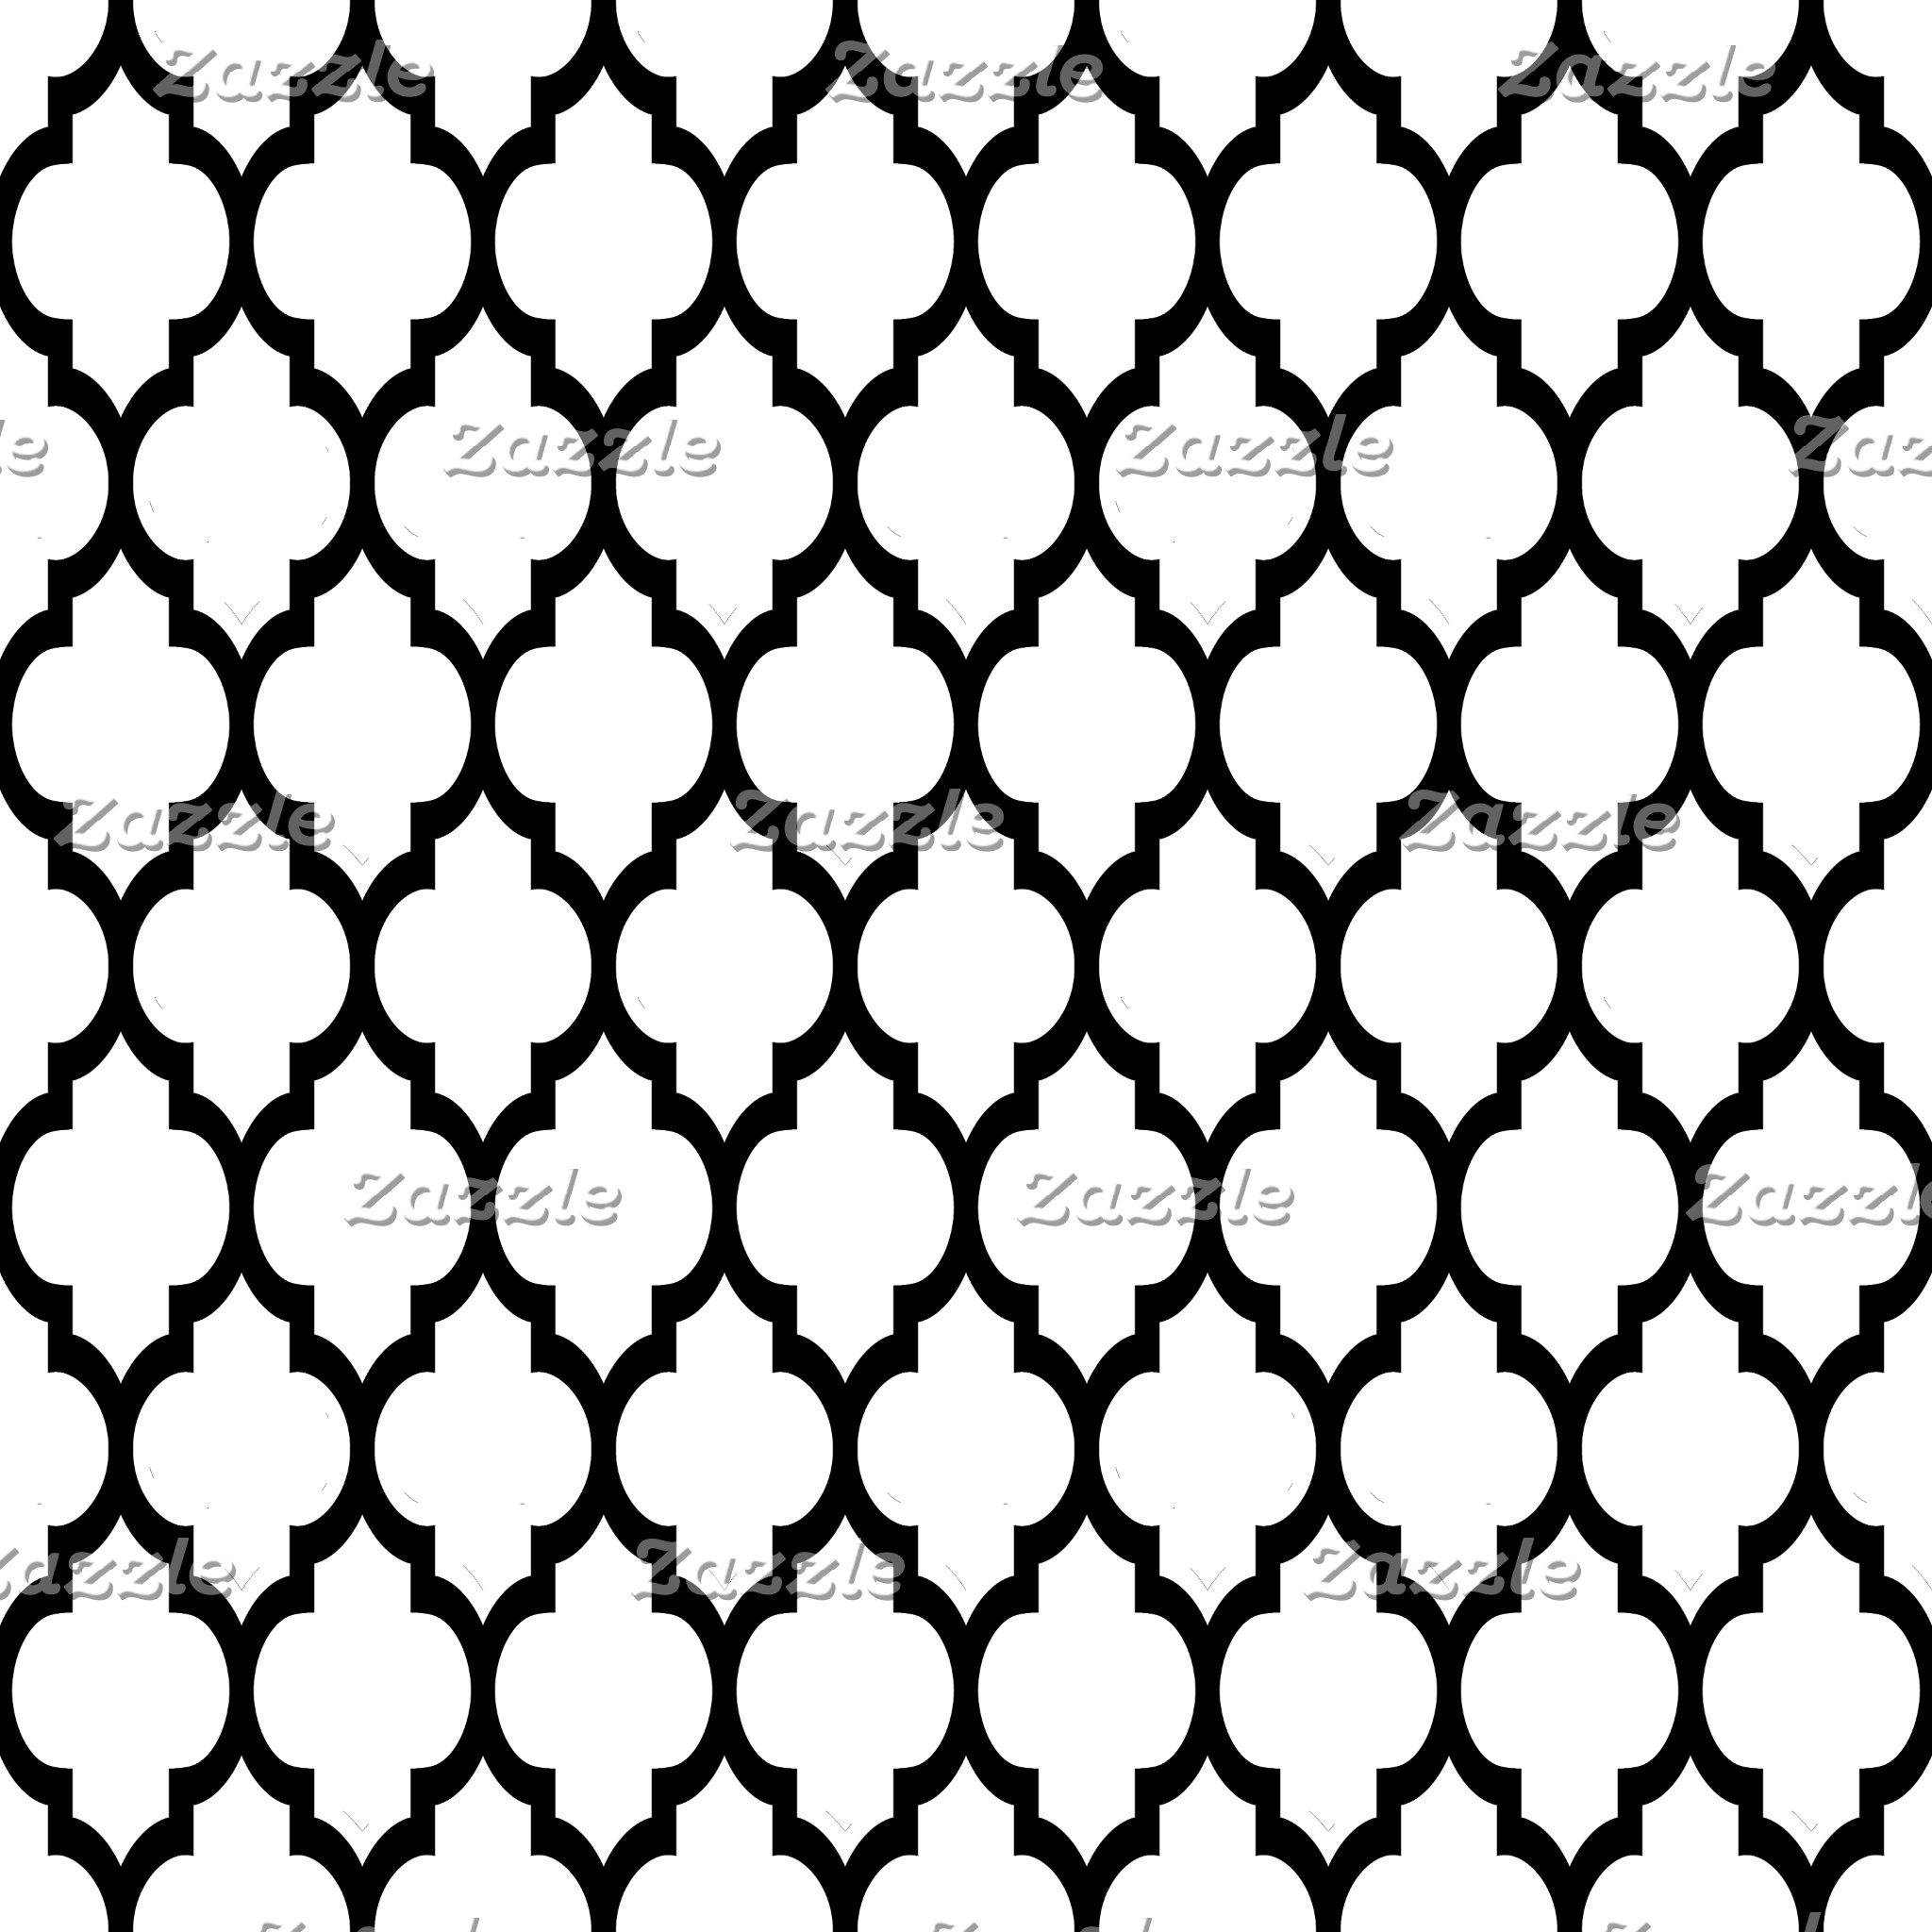 Pattern #7 Mortar Border